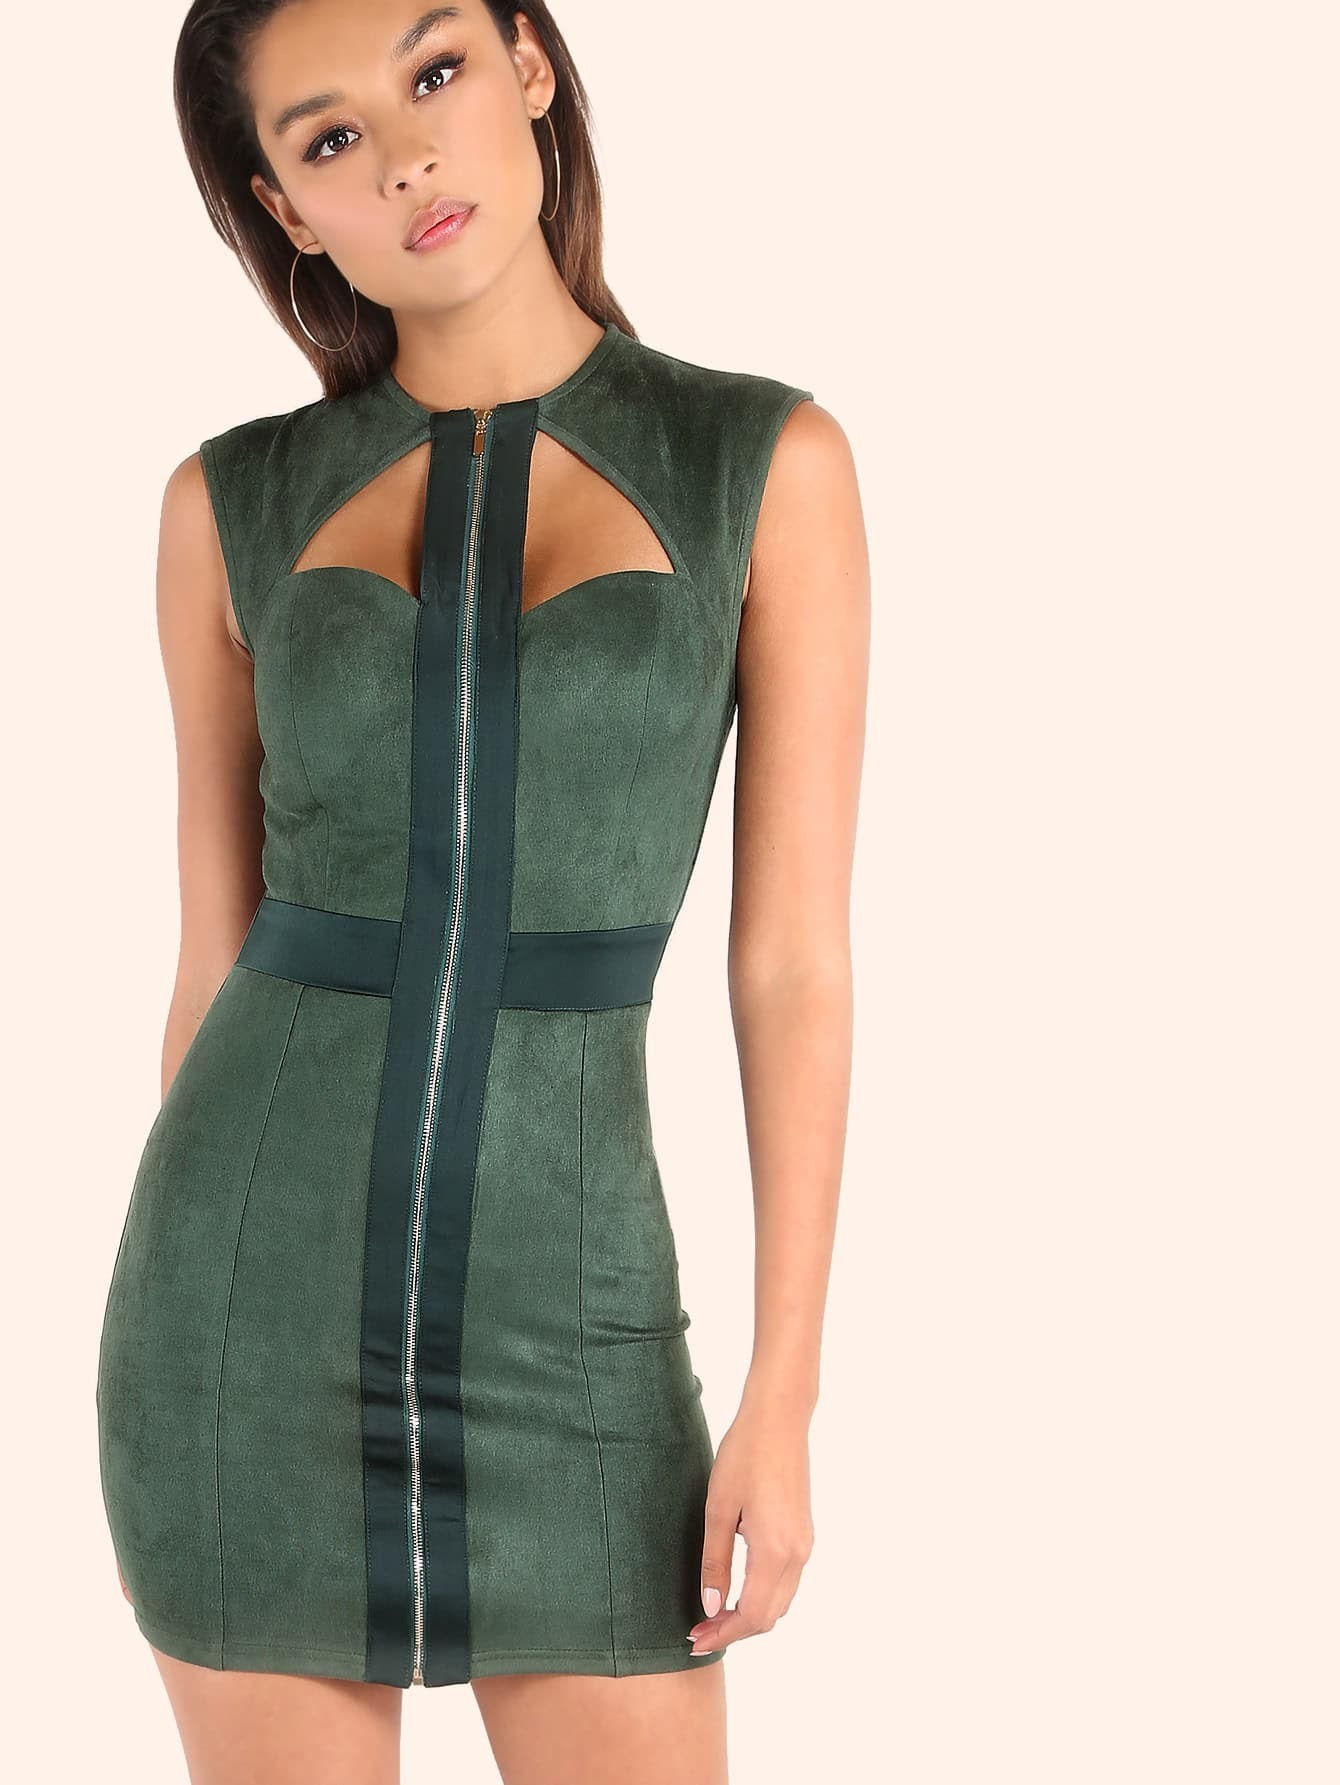 Фото Suede Zip Front Mini Dress HUNTER GREEN. Купить с доставкой